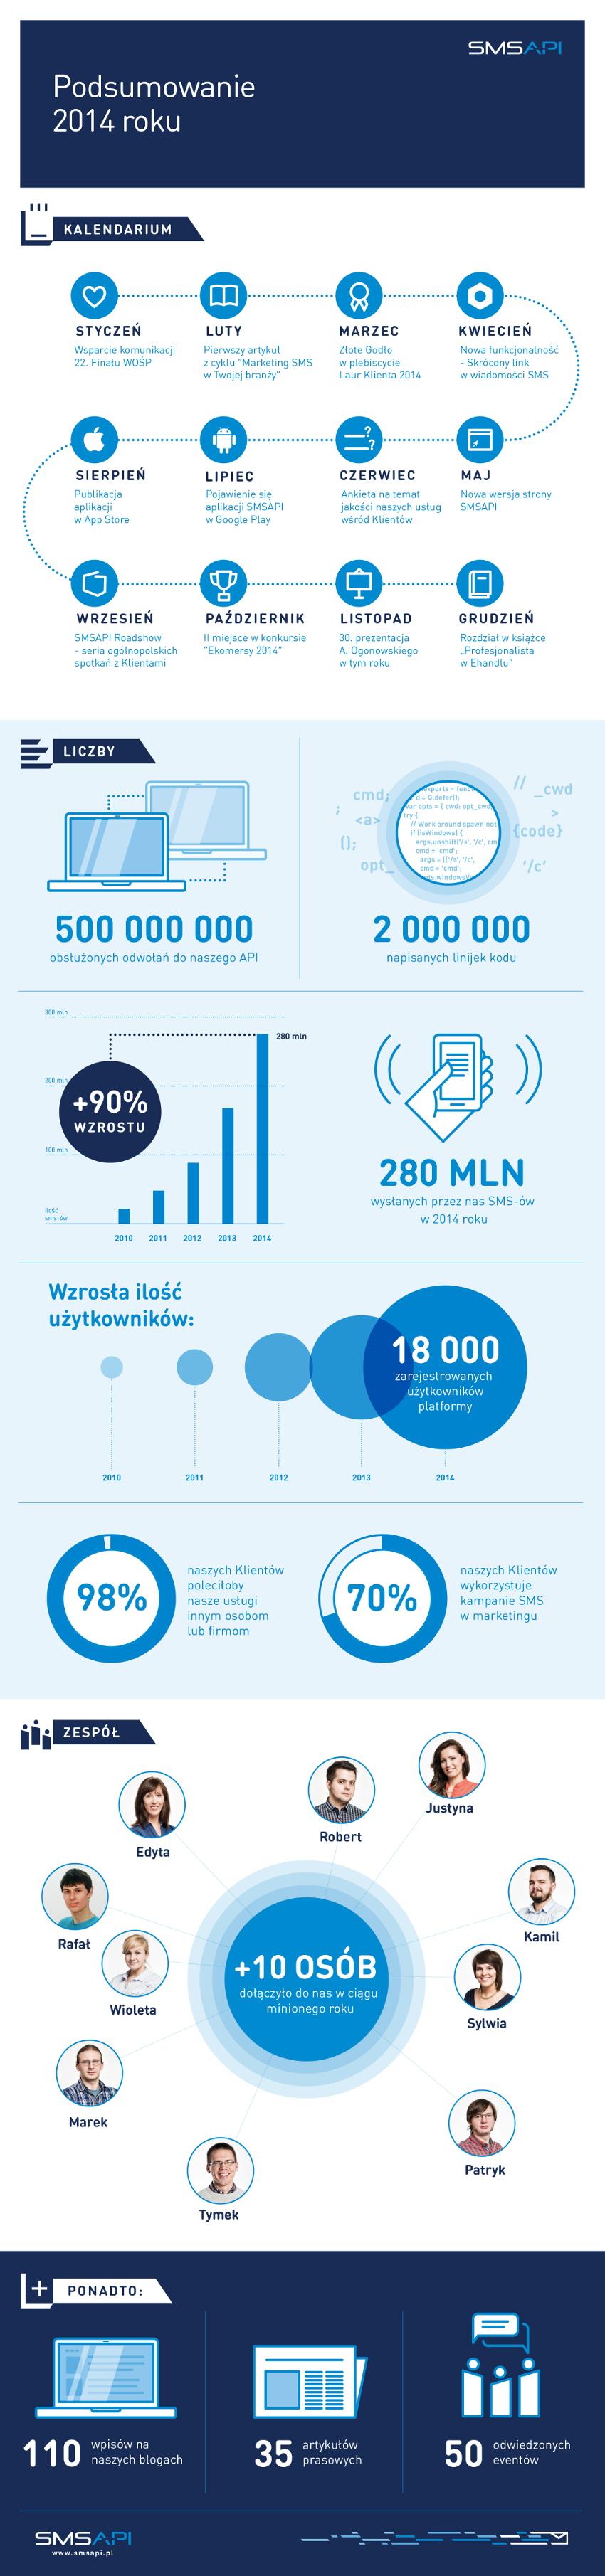 SMSAPI infografika - informacje o firmie, ilość wysyłanych SMS, odwołania do API, podsumowanie 2014, pracownicy